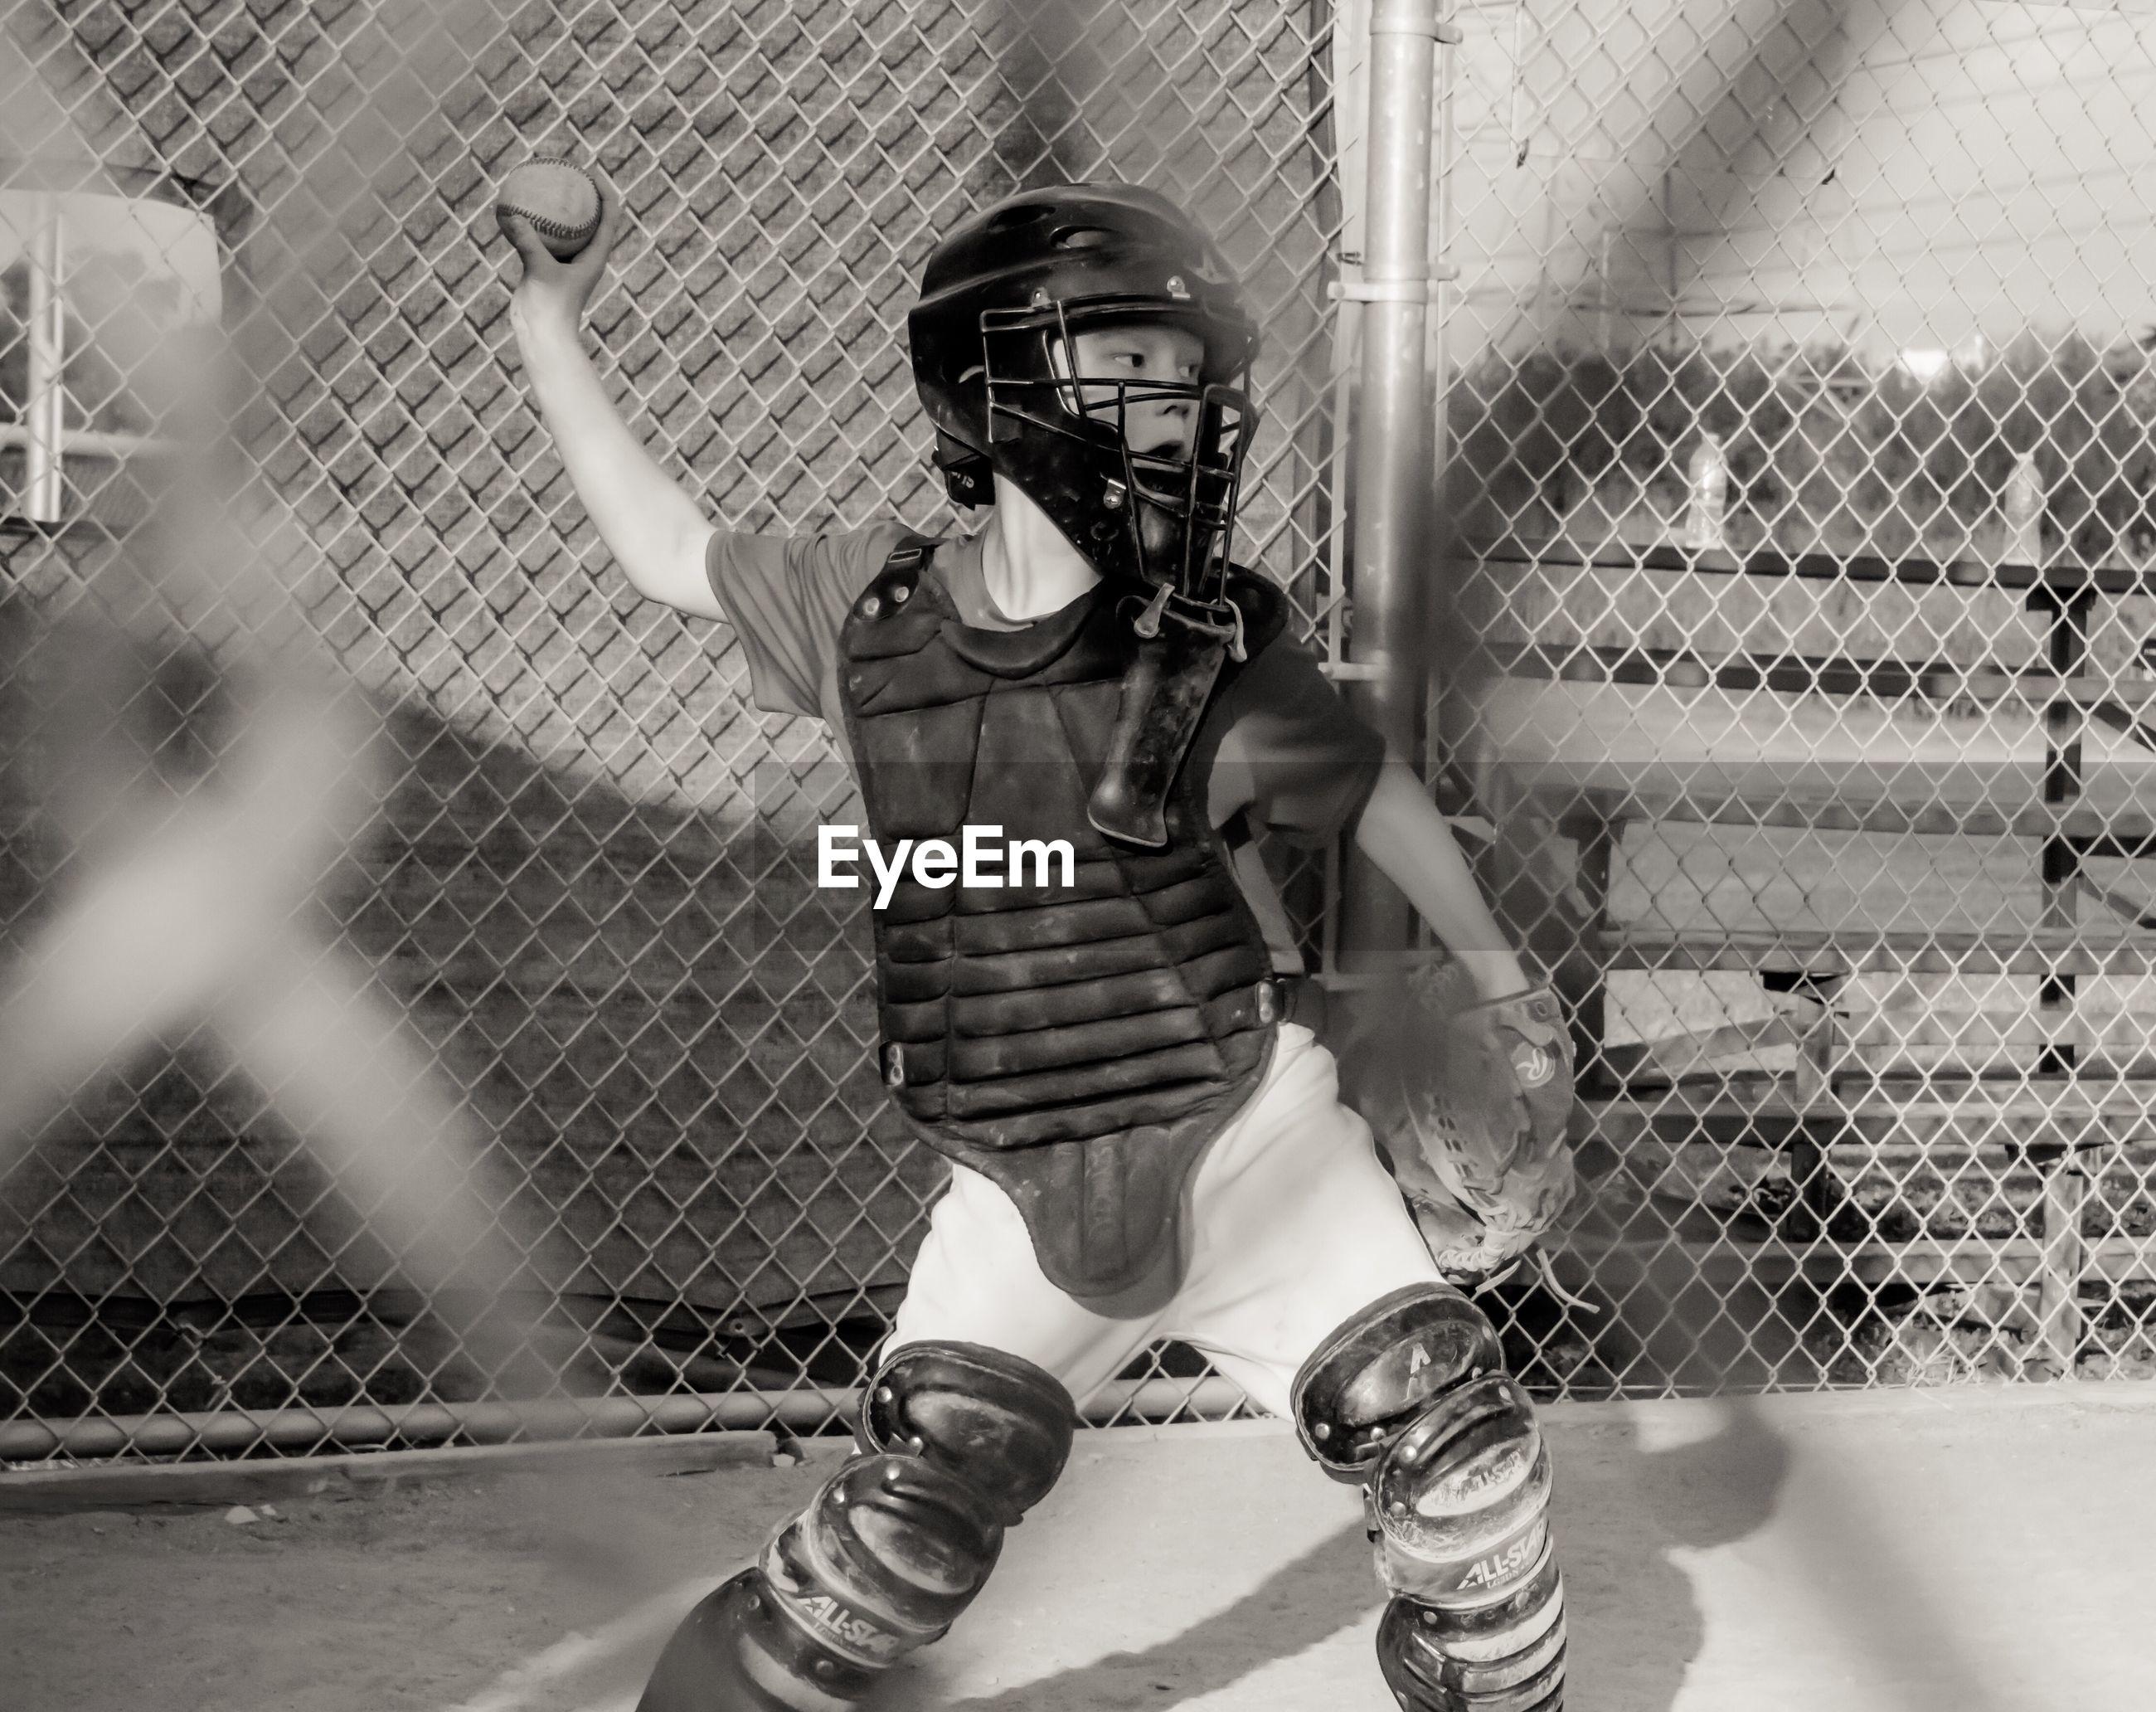 Boy throwing ball while playing baseball